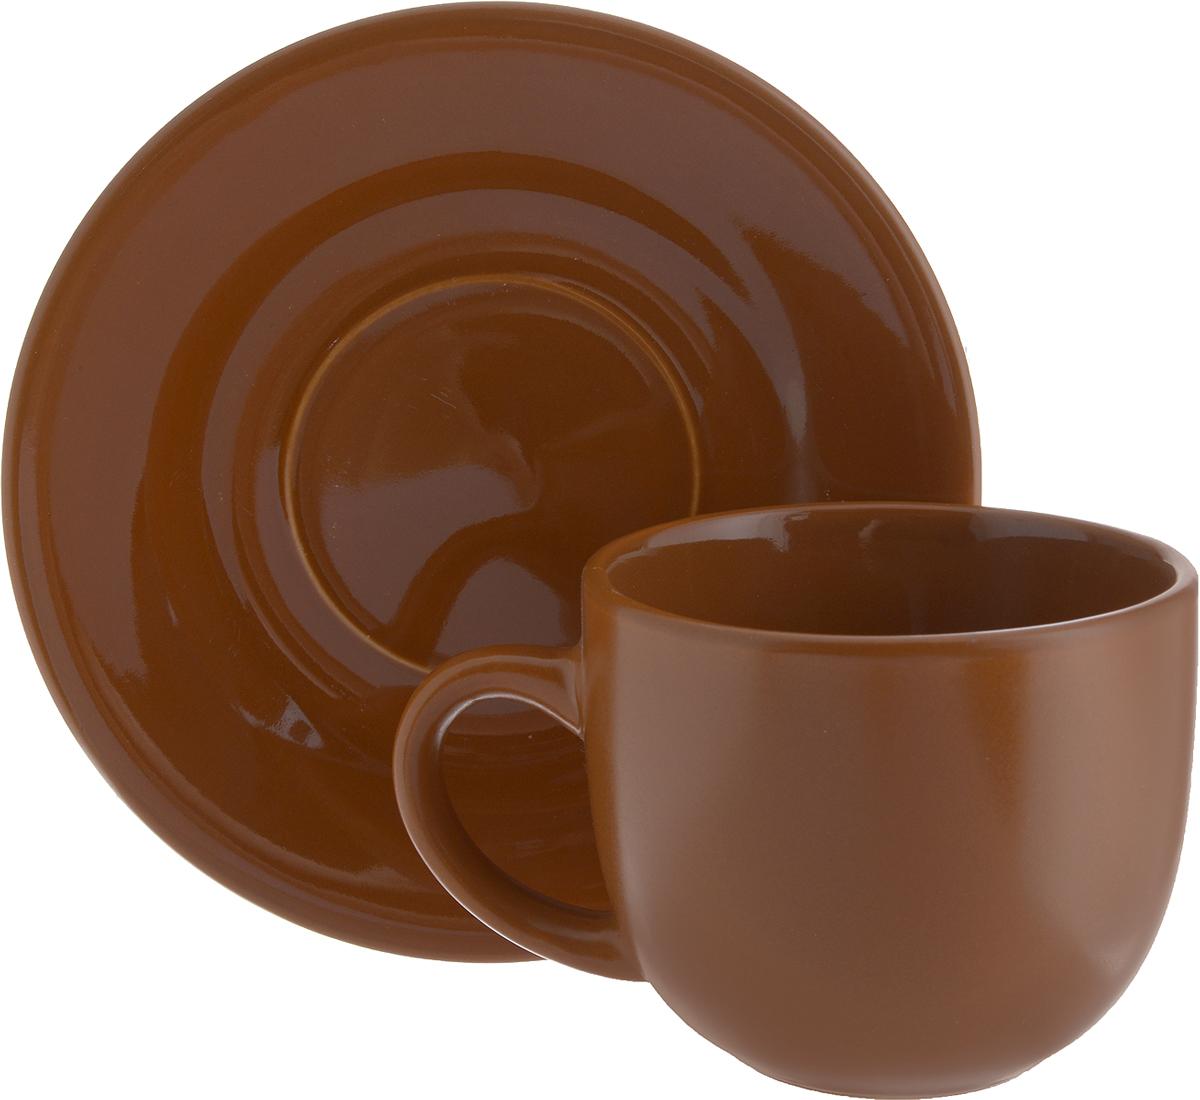 Чайная пара Ломоносовская керамика, 2 предмета. 1ЧП-220ТТ1ЧП-220ТТЧайная пара Ломоносовская керамика состоит из чашки и блюдца. Изделия, выполненные из высококачественной глины с глазурованным покрытием, имеют элегантный дизайн. Такая чайная пара прекрасно подойдет как для повседневного использования, так и для праздников. Чайная пара Ломоносовская керамика - это полезный подарок для родных и близких, это также великолепное дизайнерское решение для вашей кухни или столовой. Объем чашки: 200 мл. Диаметр чашки (по верхнему краю): 8,5 см. Высота чашки: 7 см.Диаметр блюдца: 14,5 см.Высота блюдца: 1,7 см.